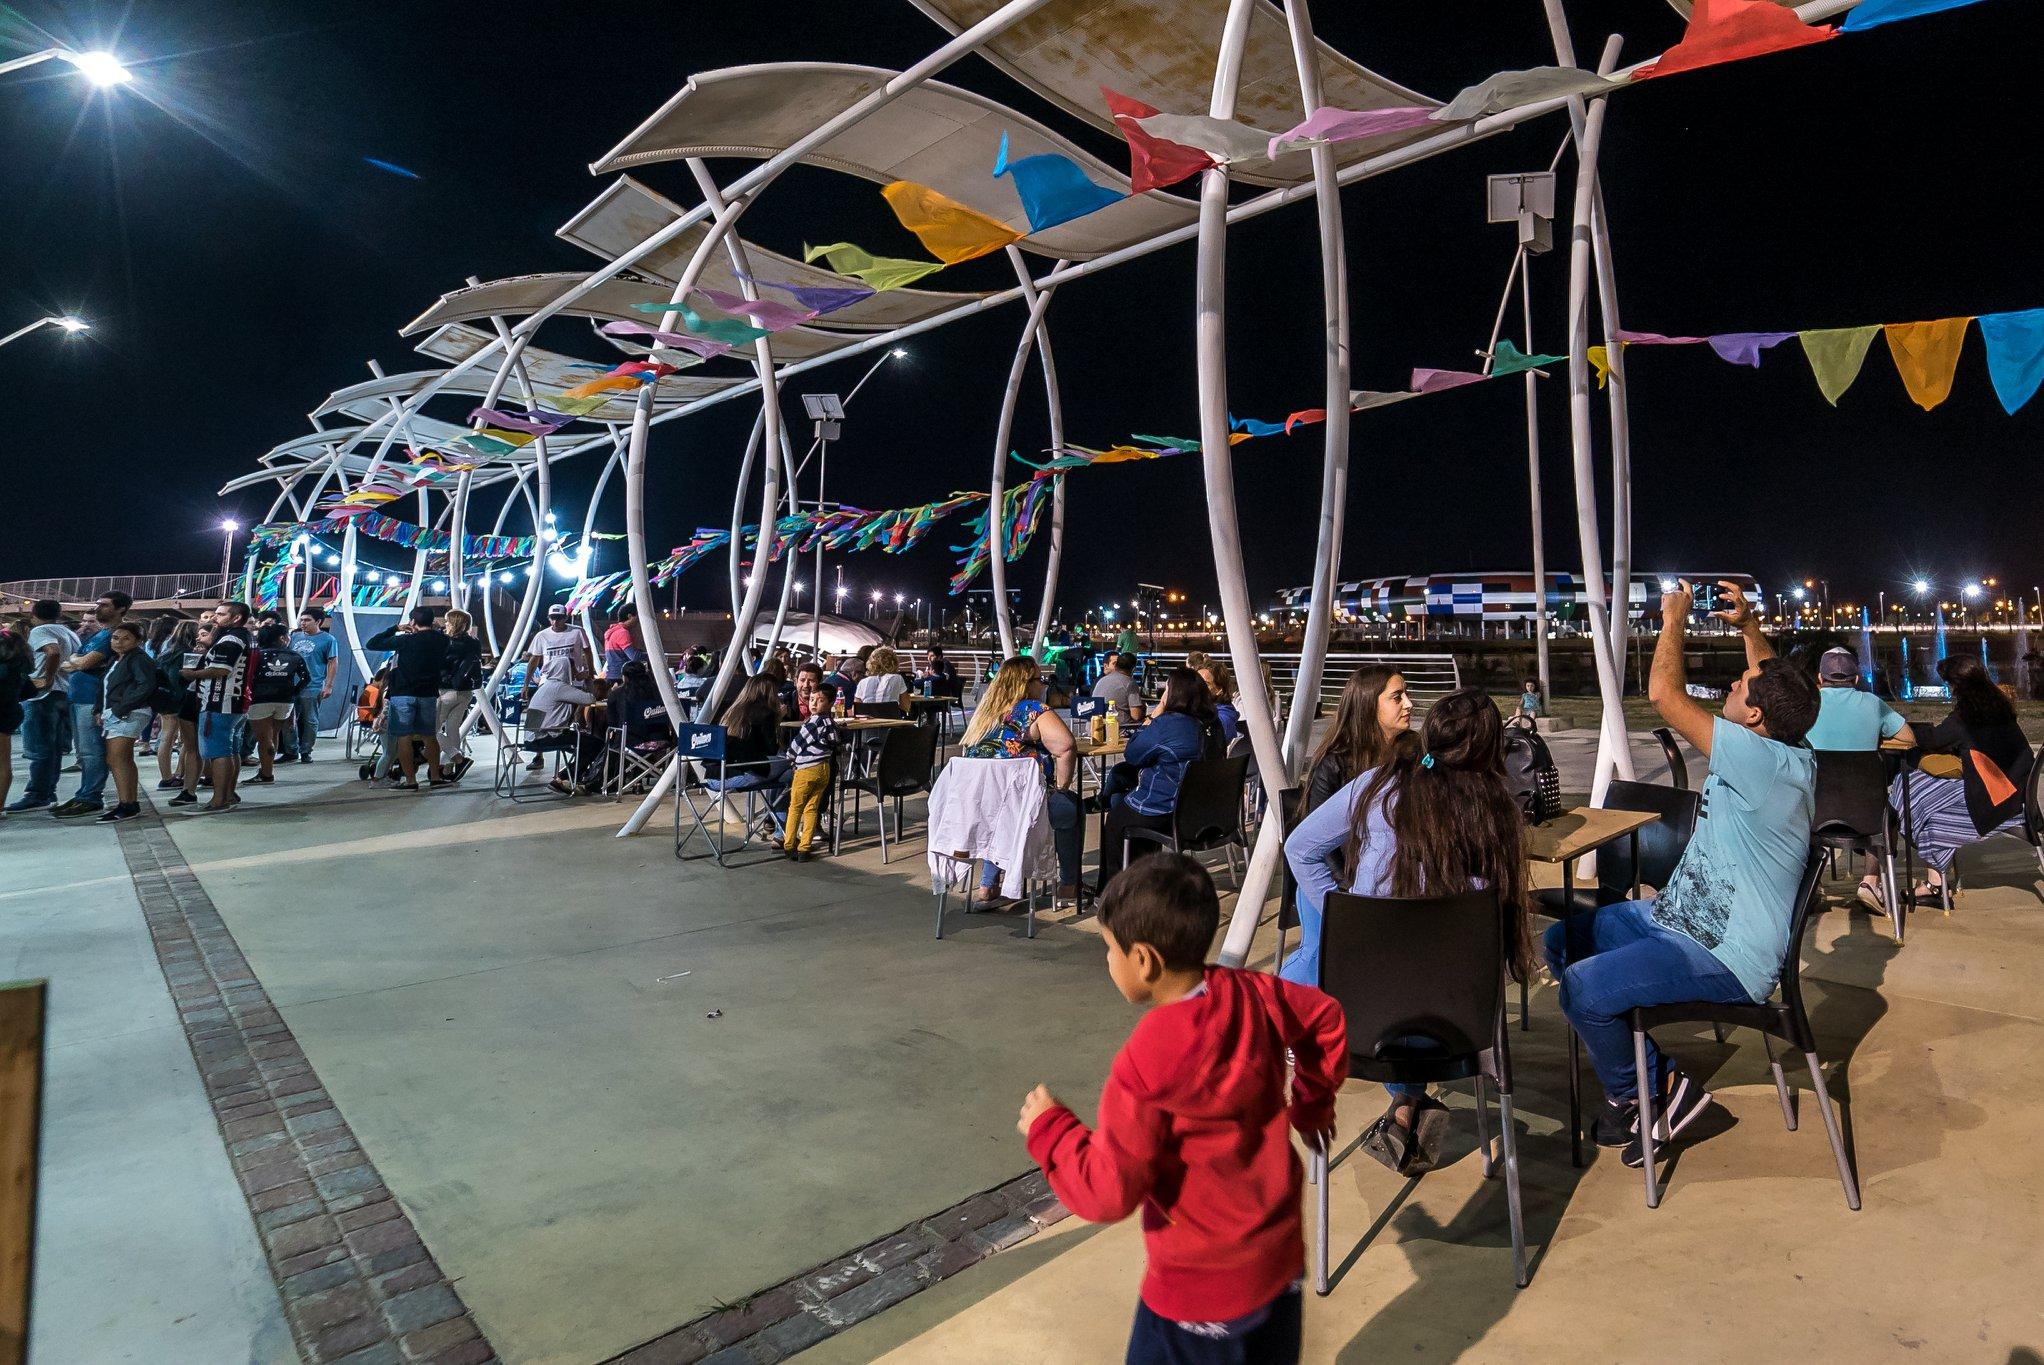 """La temporada de verano en La Pedrera comienza con la inauguración de """"La Terracita"""", la visita de Los Reyes Magos y el """"Vacaclub"""""""